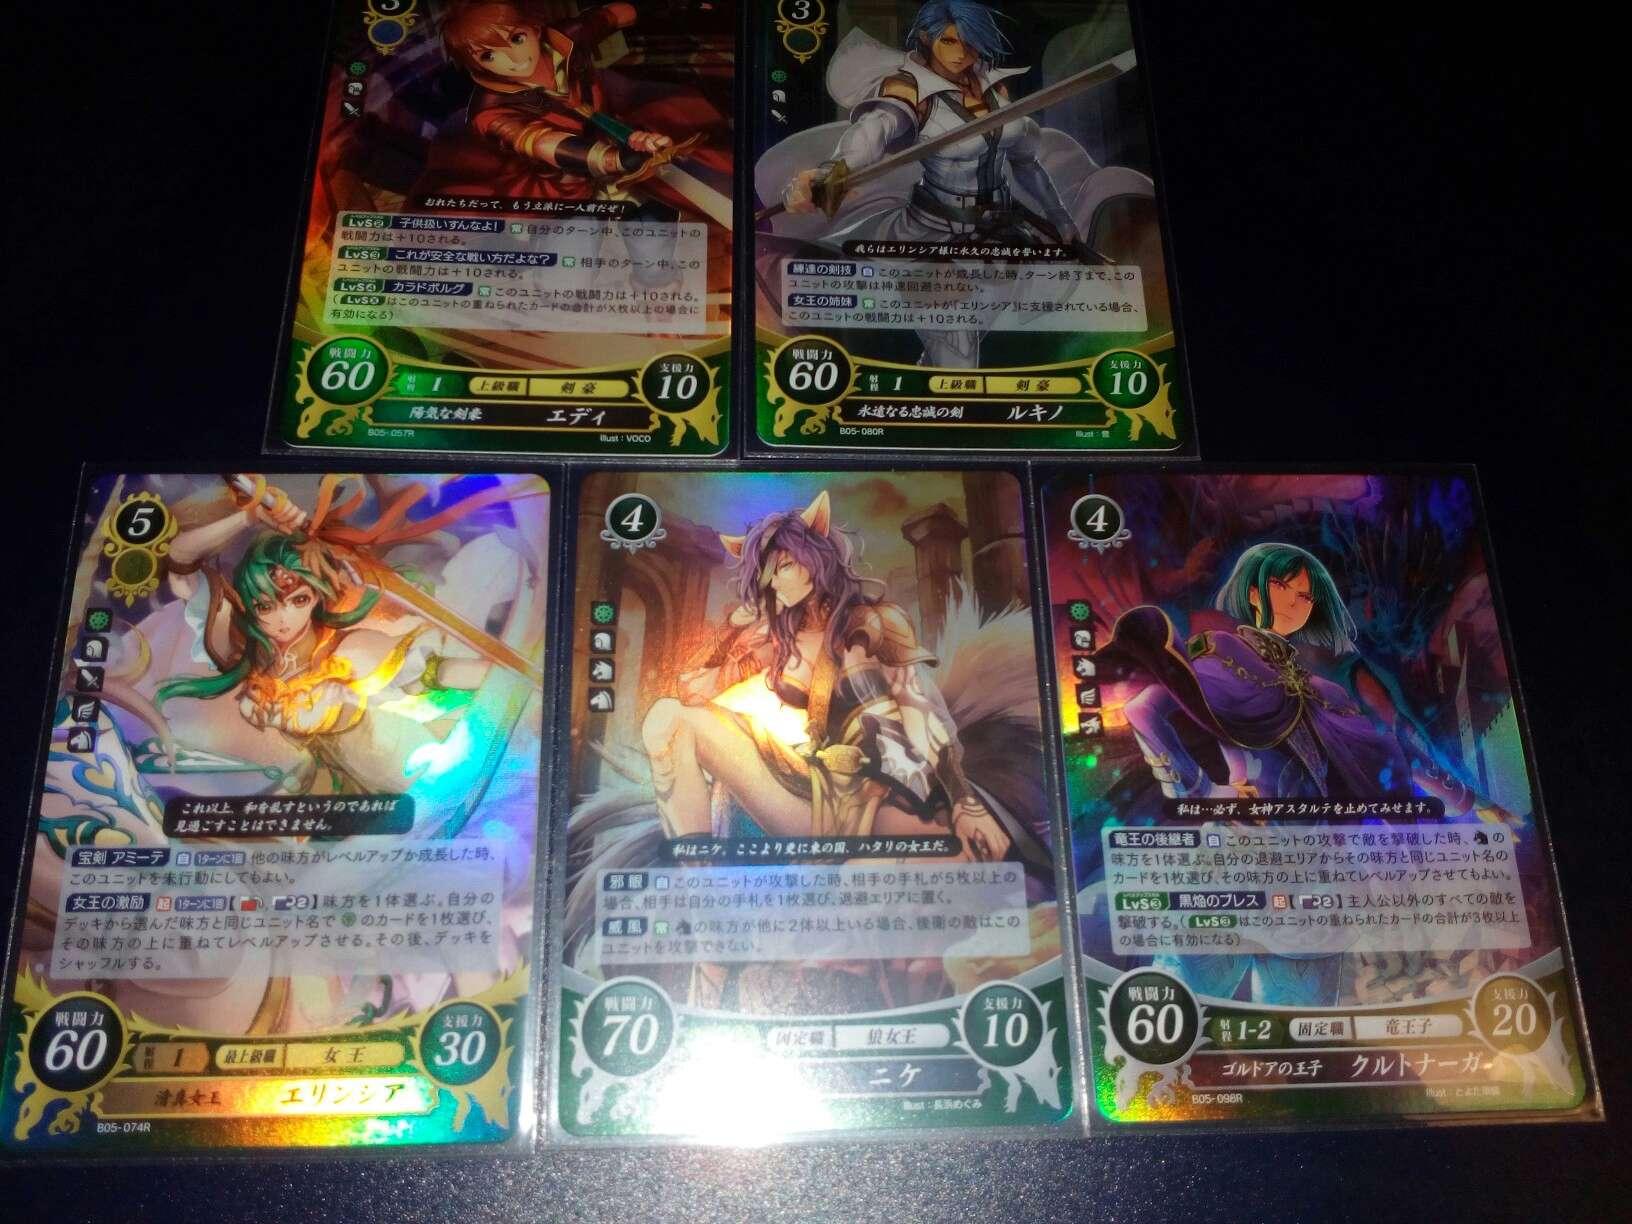 Fire Emblem jeu de cartes Cipher - Page 4 R_s5_t10